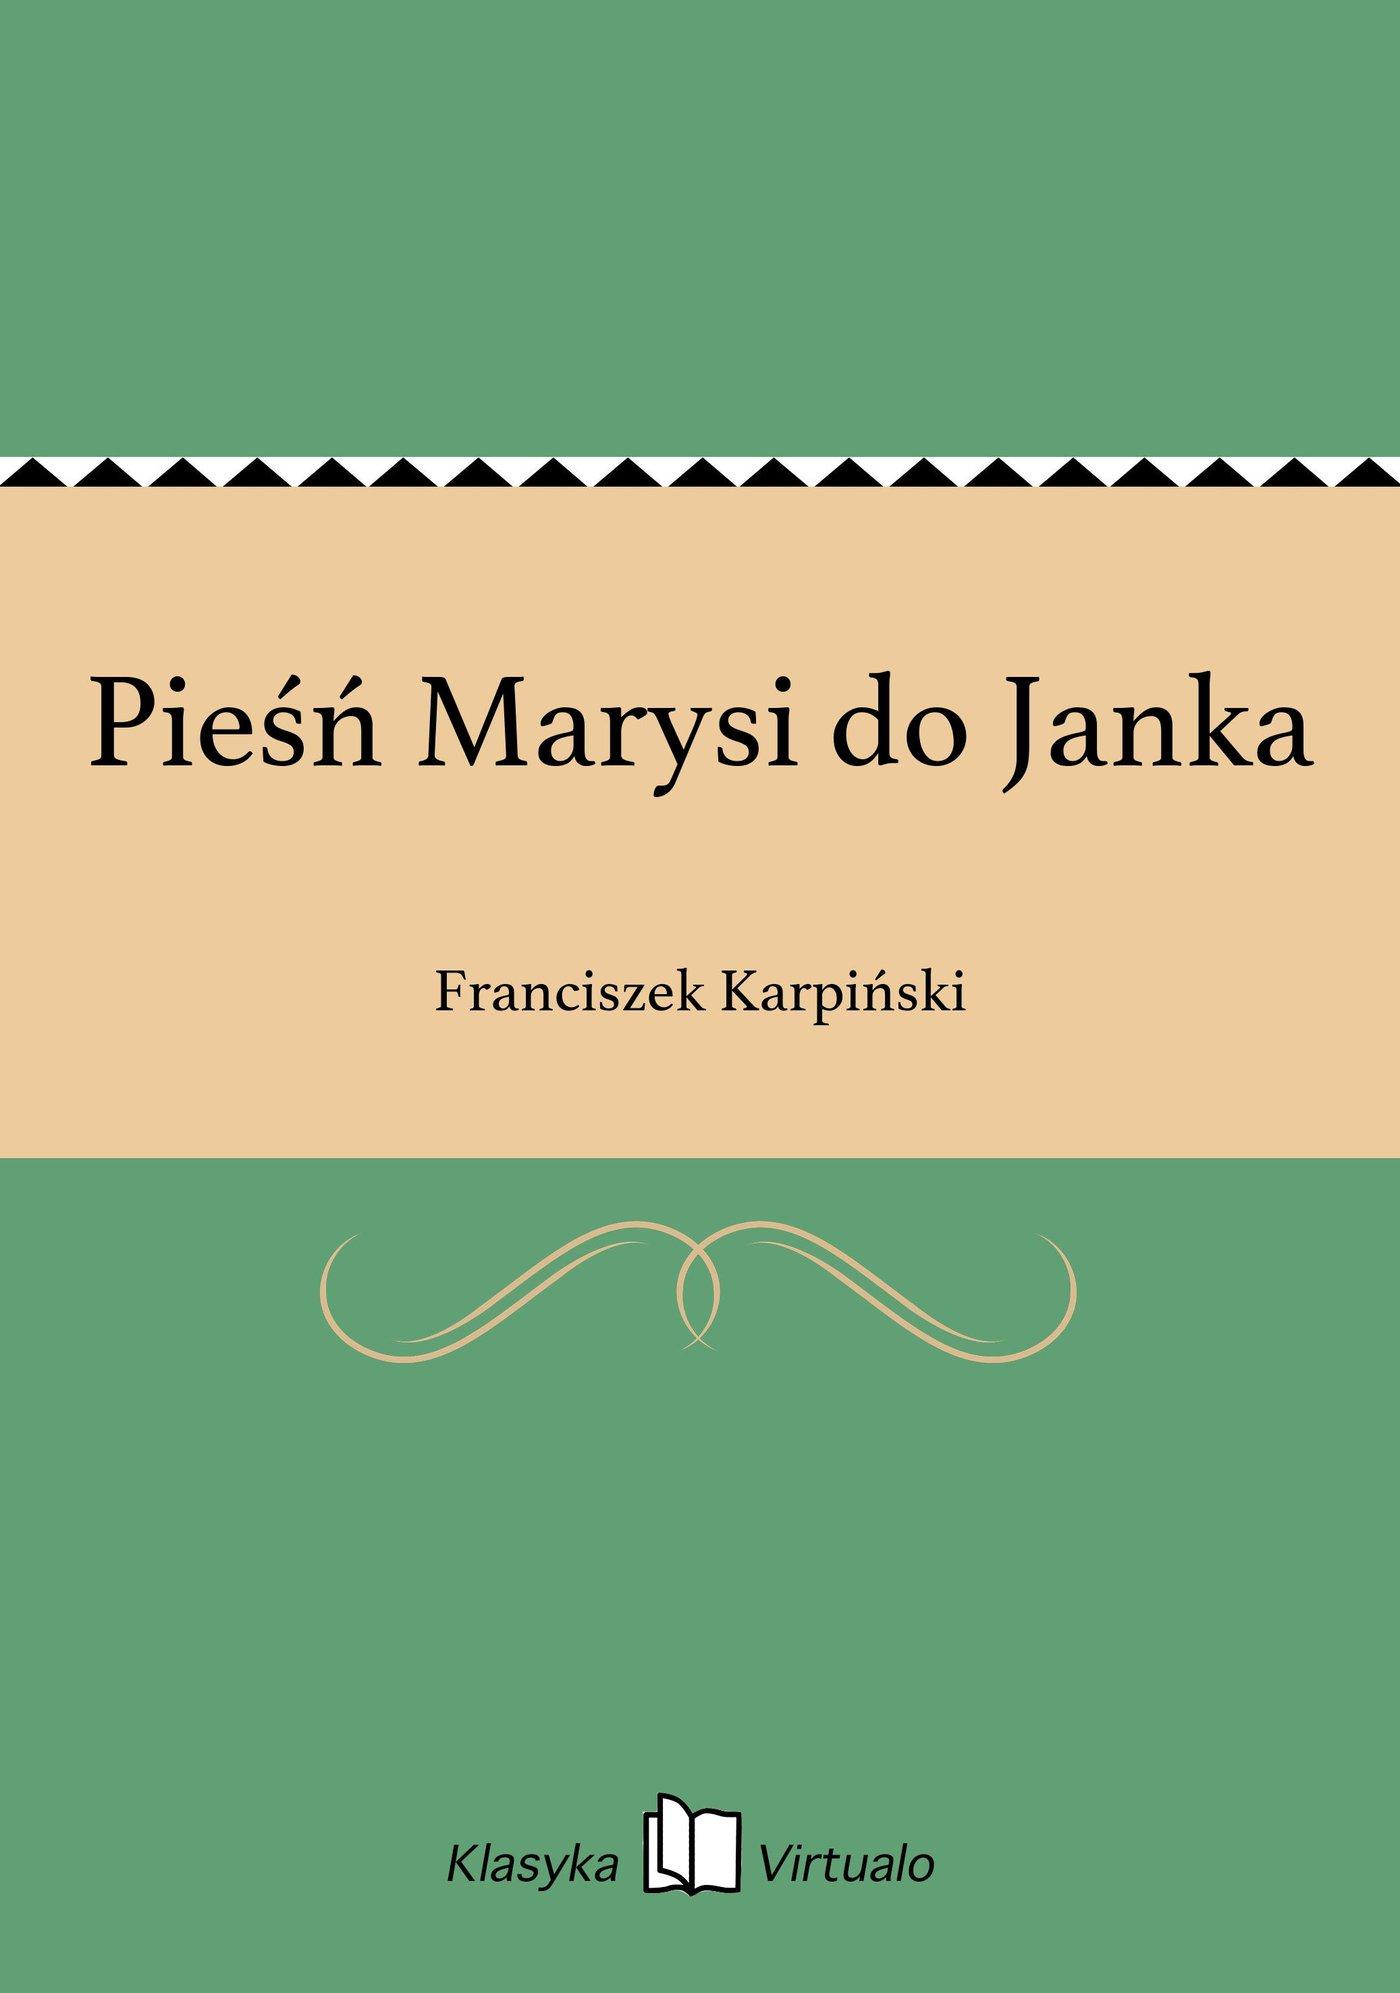 Pieśń Marysi do Janka - Ebook (Książka EPUB) do pobrania w formacie EPUB